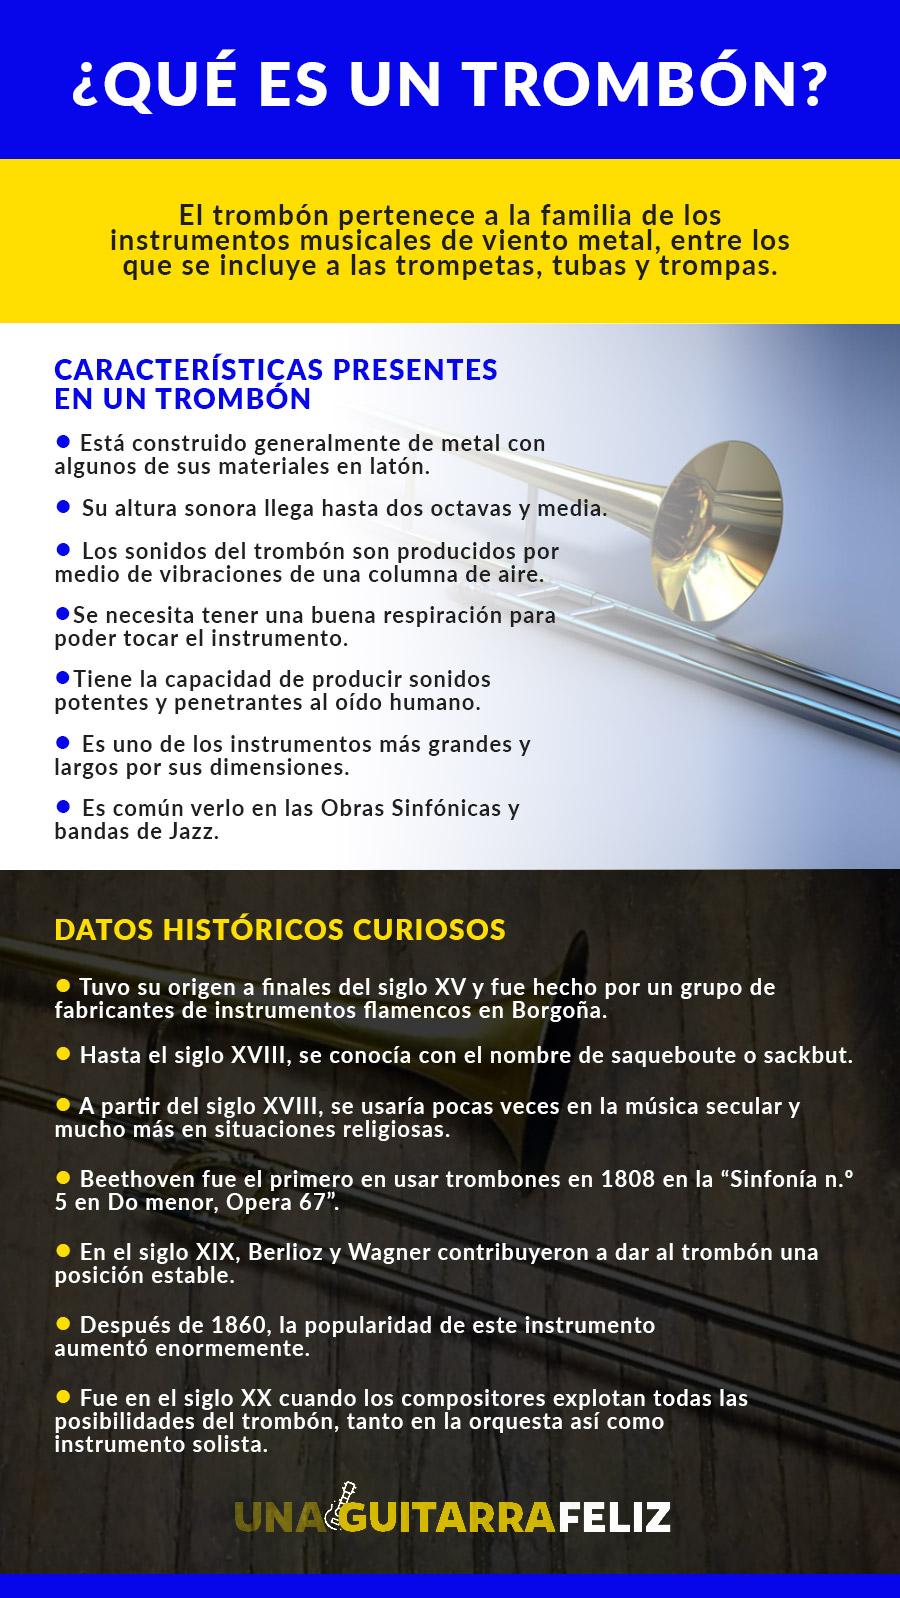 Características trombón - unaguitarrafeliz.es